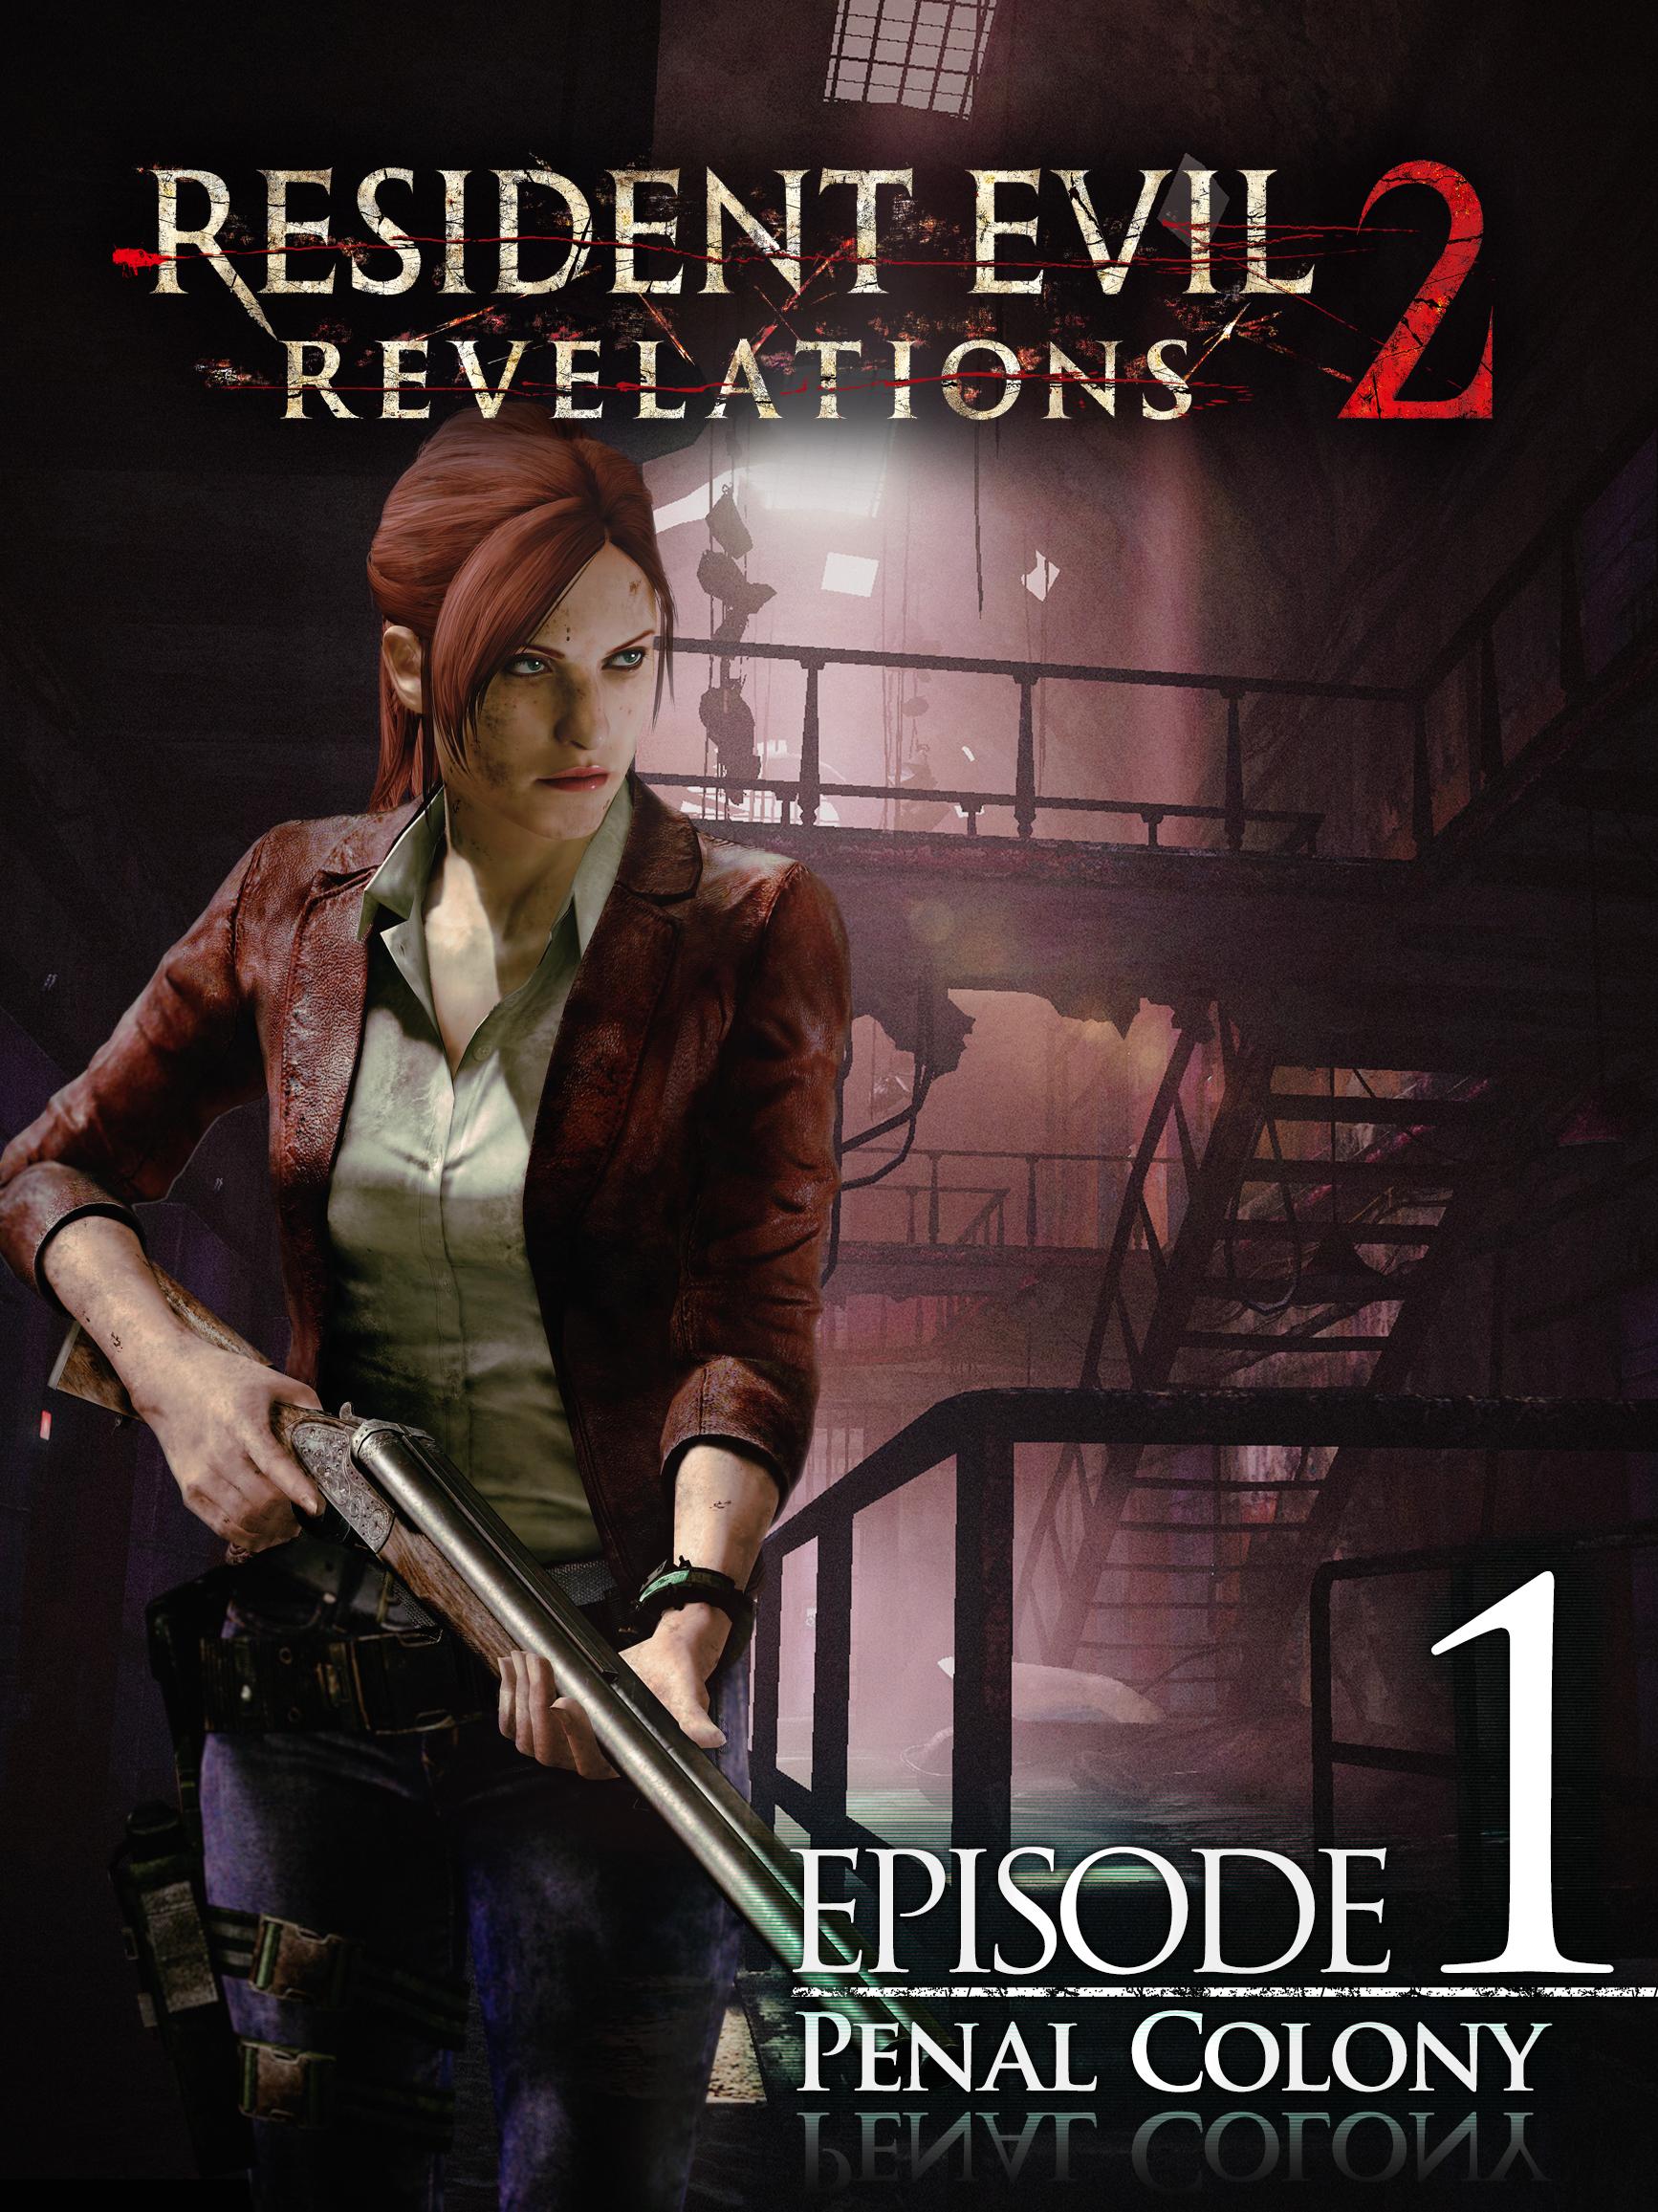 File:Revelations 2 - Episode 1 poster.jpg